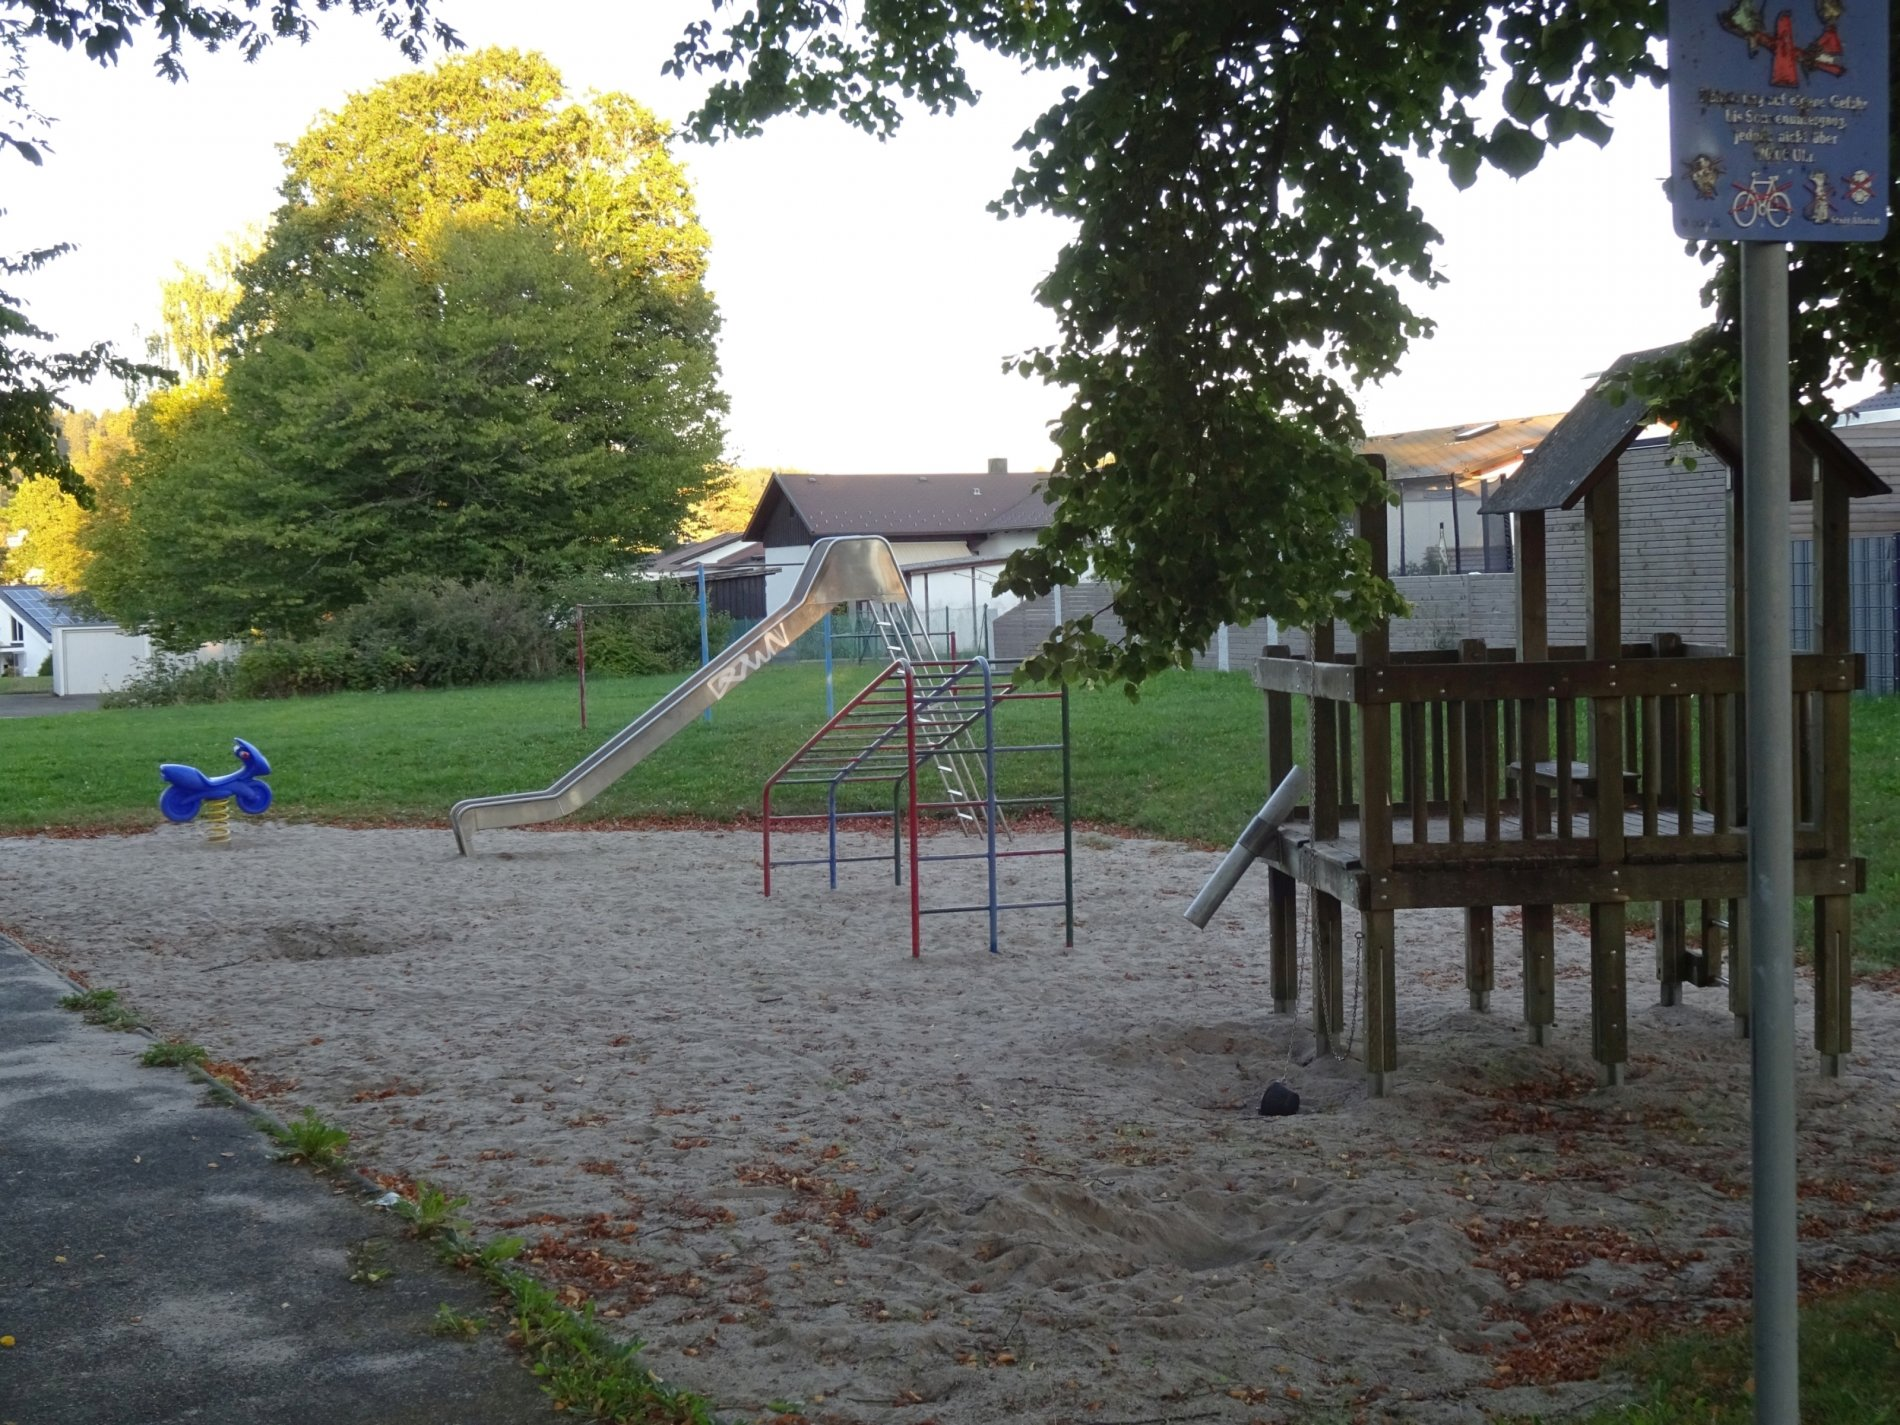 Spielplatz Bäckerstraße-Toller Platz zum spielen!